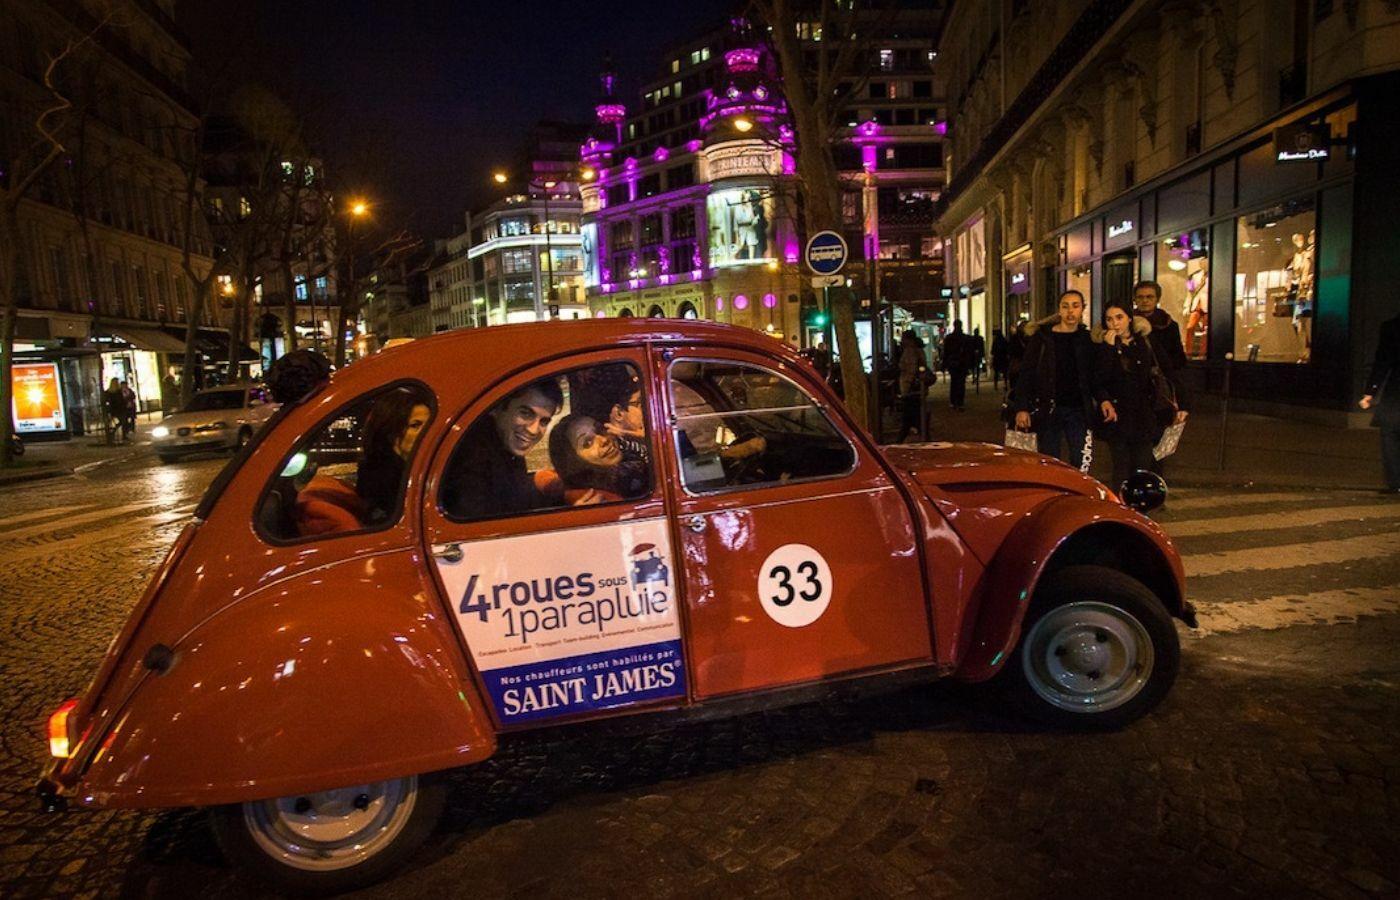 Tour de Paris en 2CV - Visiter Paris by night - 4 roues sous 1 parapluie